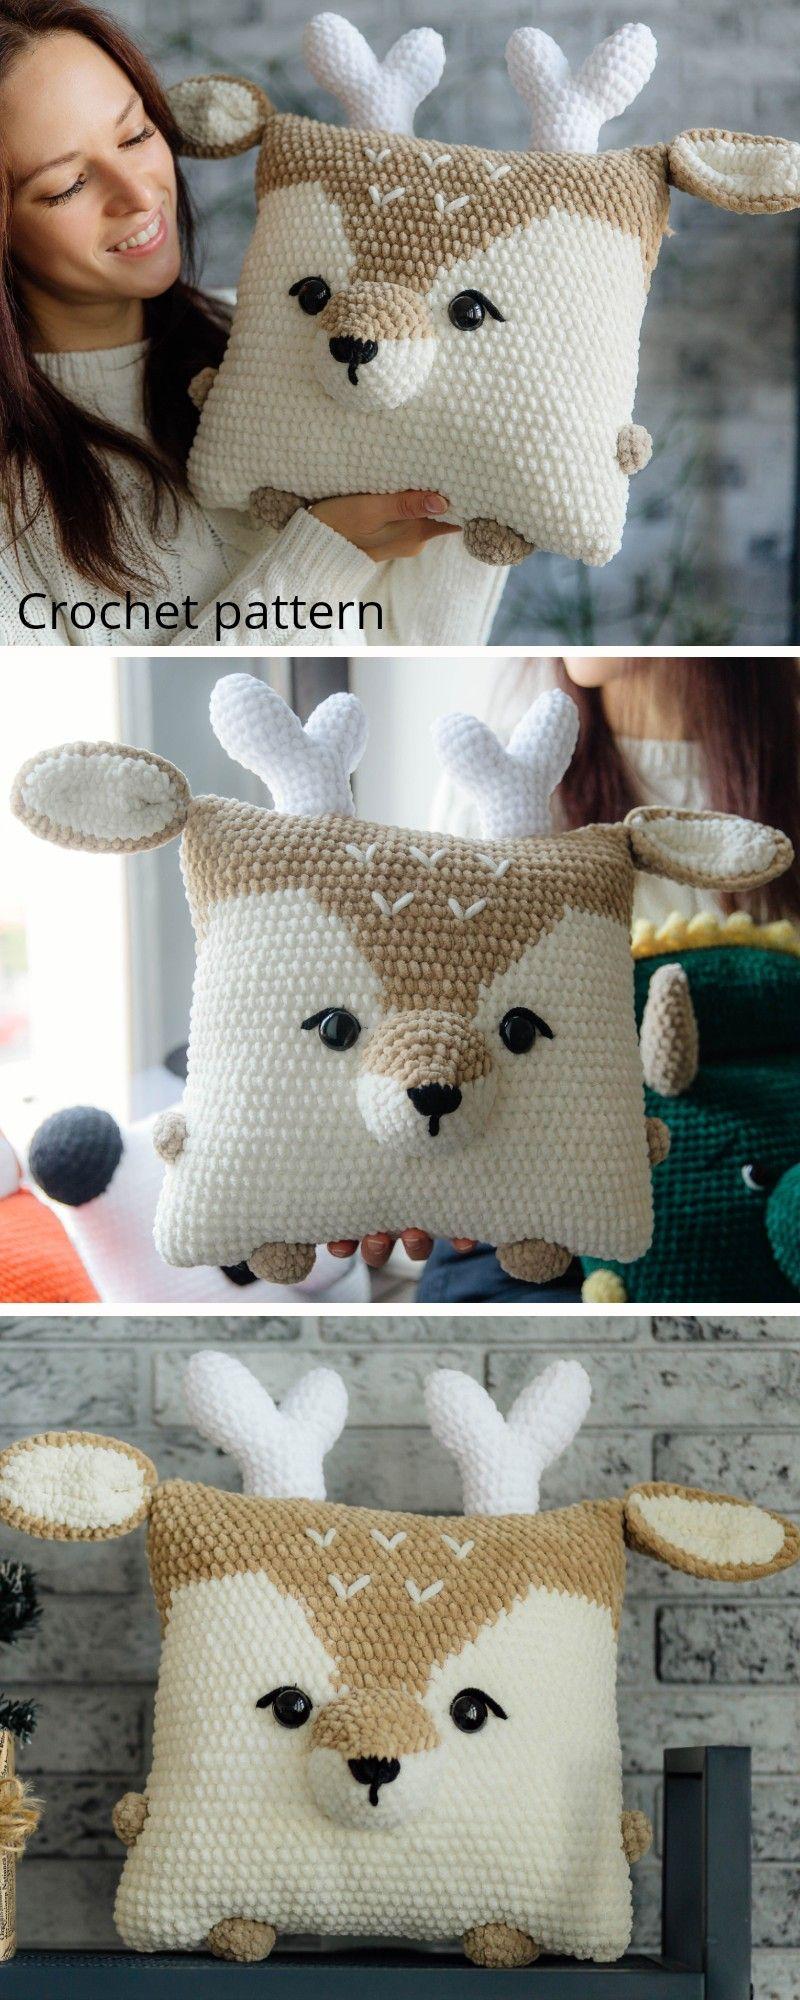 Crochet pattern pillow deer, crochet deer pattern, amigurumi raindeer, deer pattern, amigurumi toy